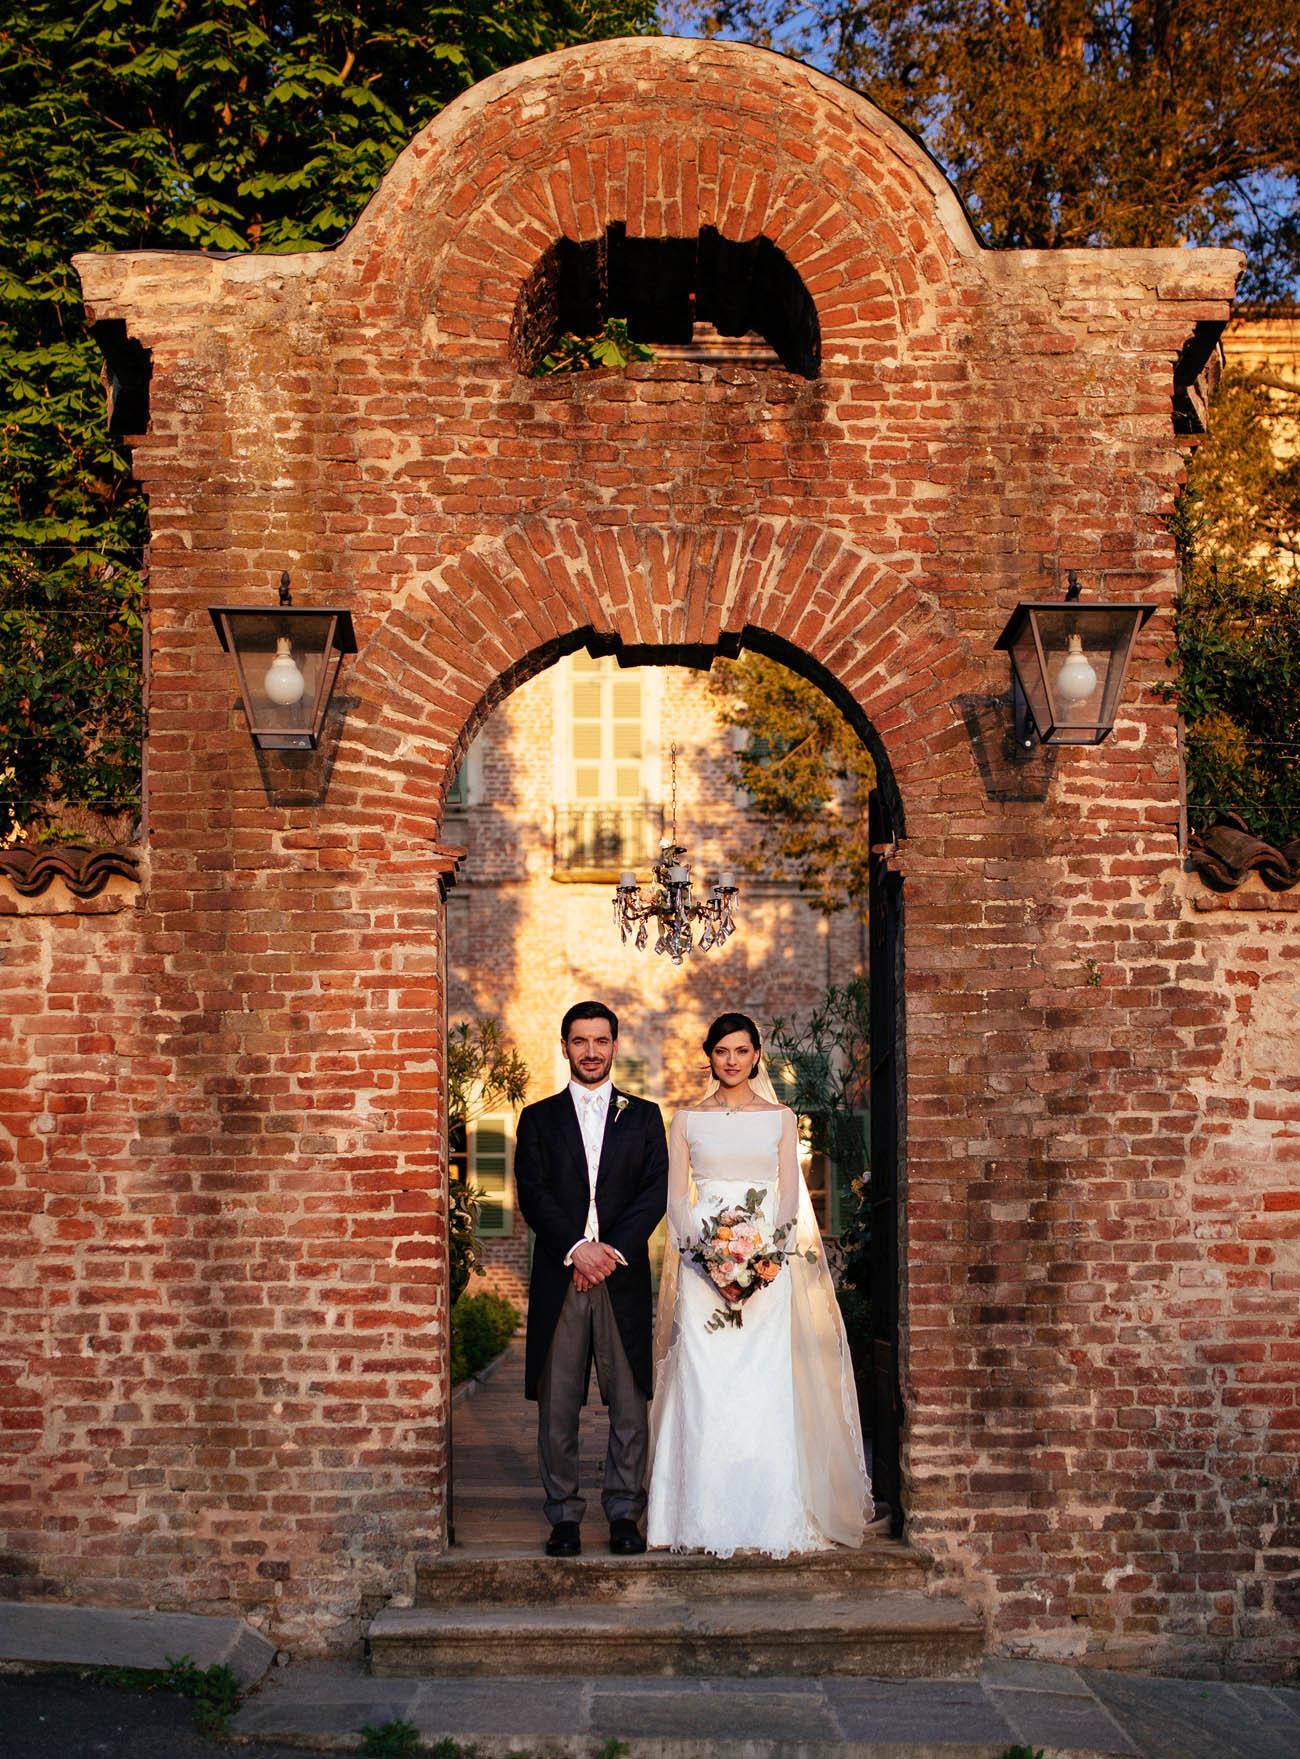 matrimonio romantico in villa